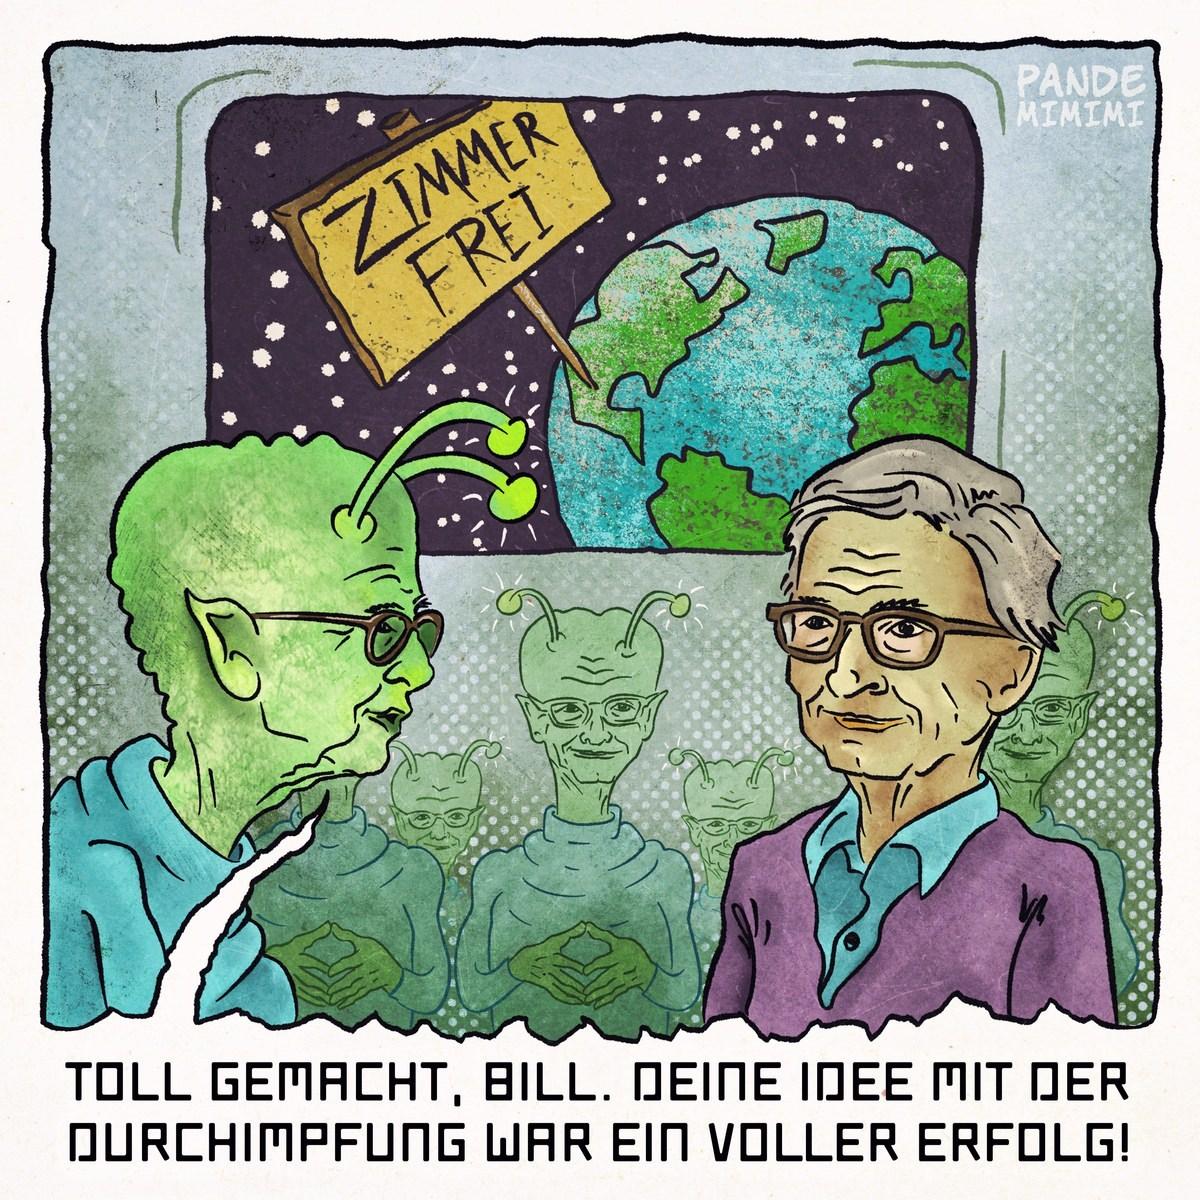 AlienBill